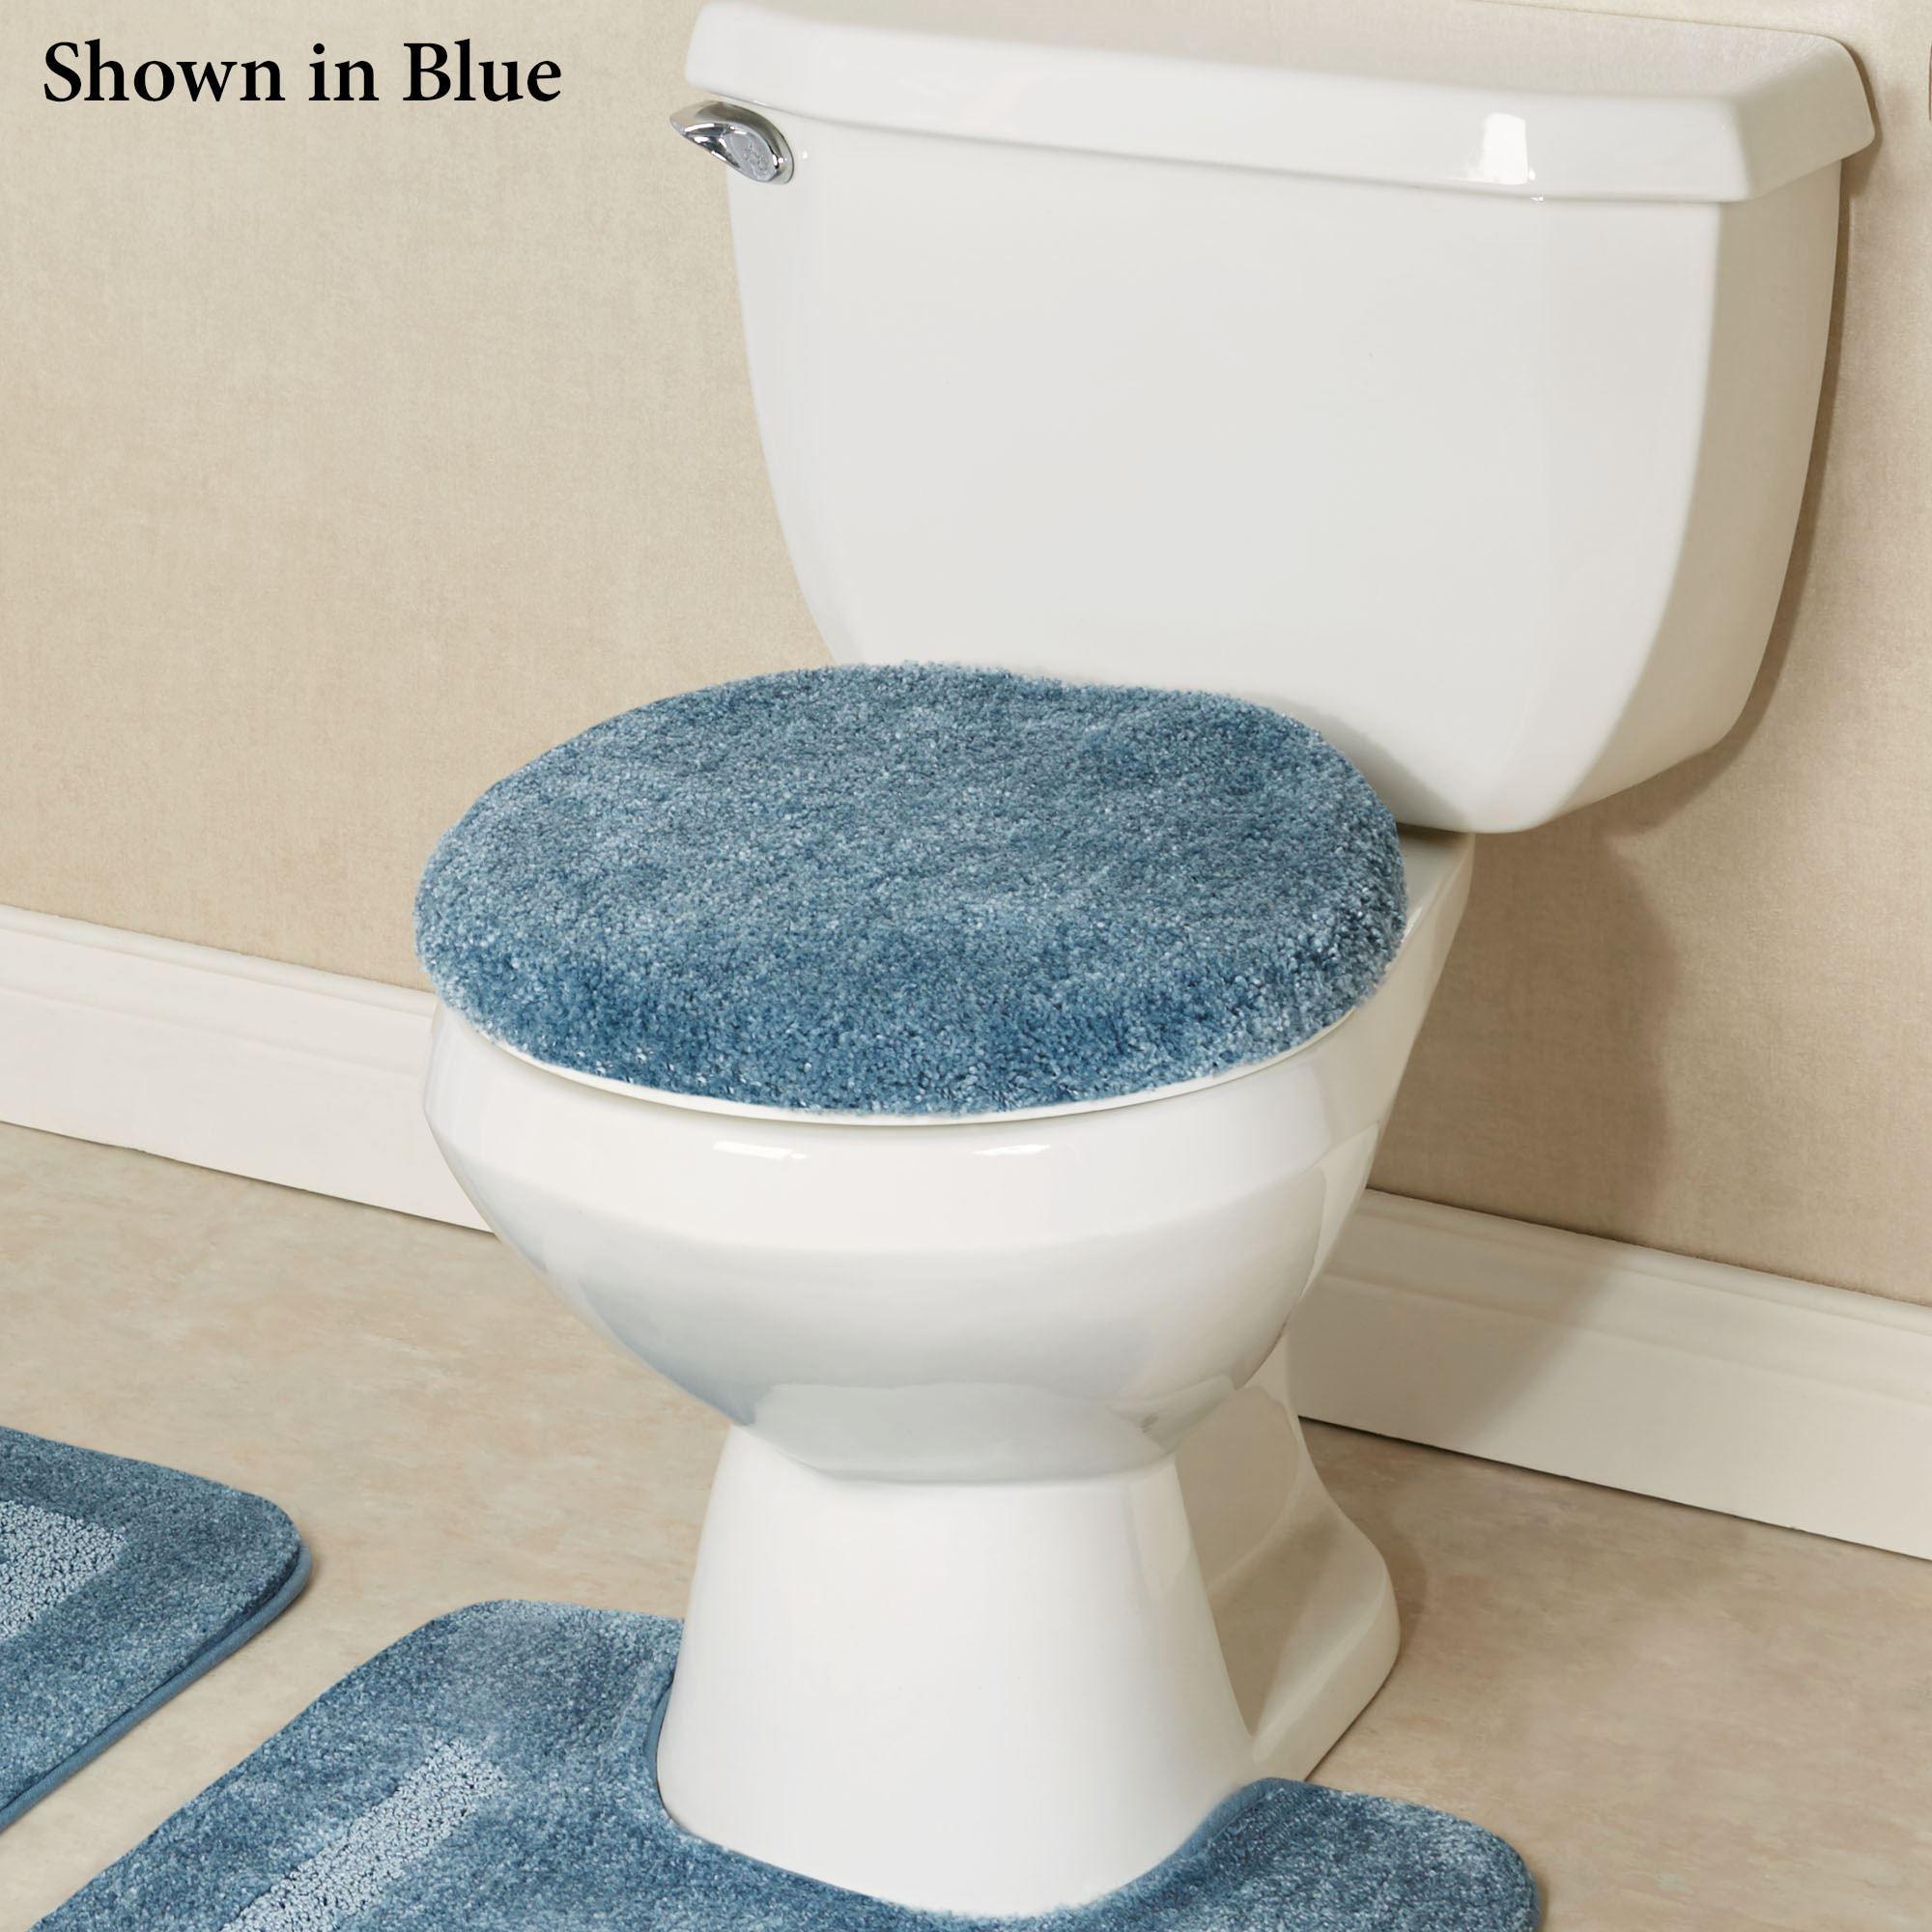 Facet Plush Nylon Toilet Lid Cover or Contour Mat